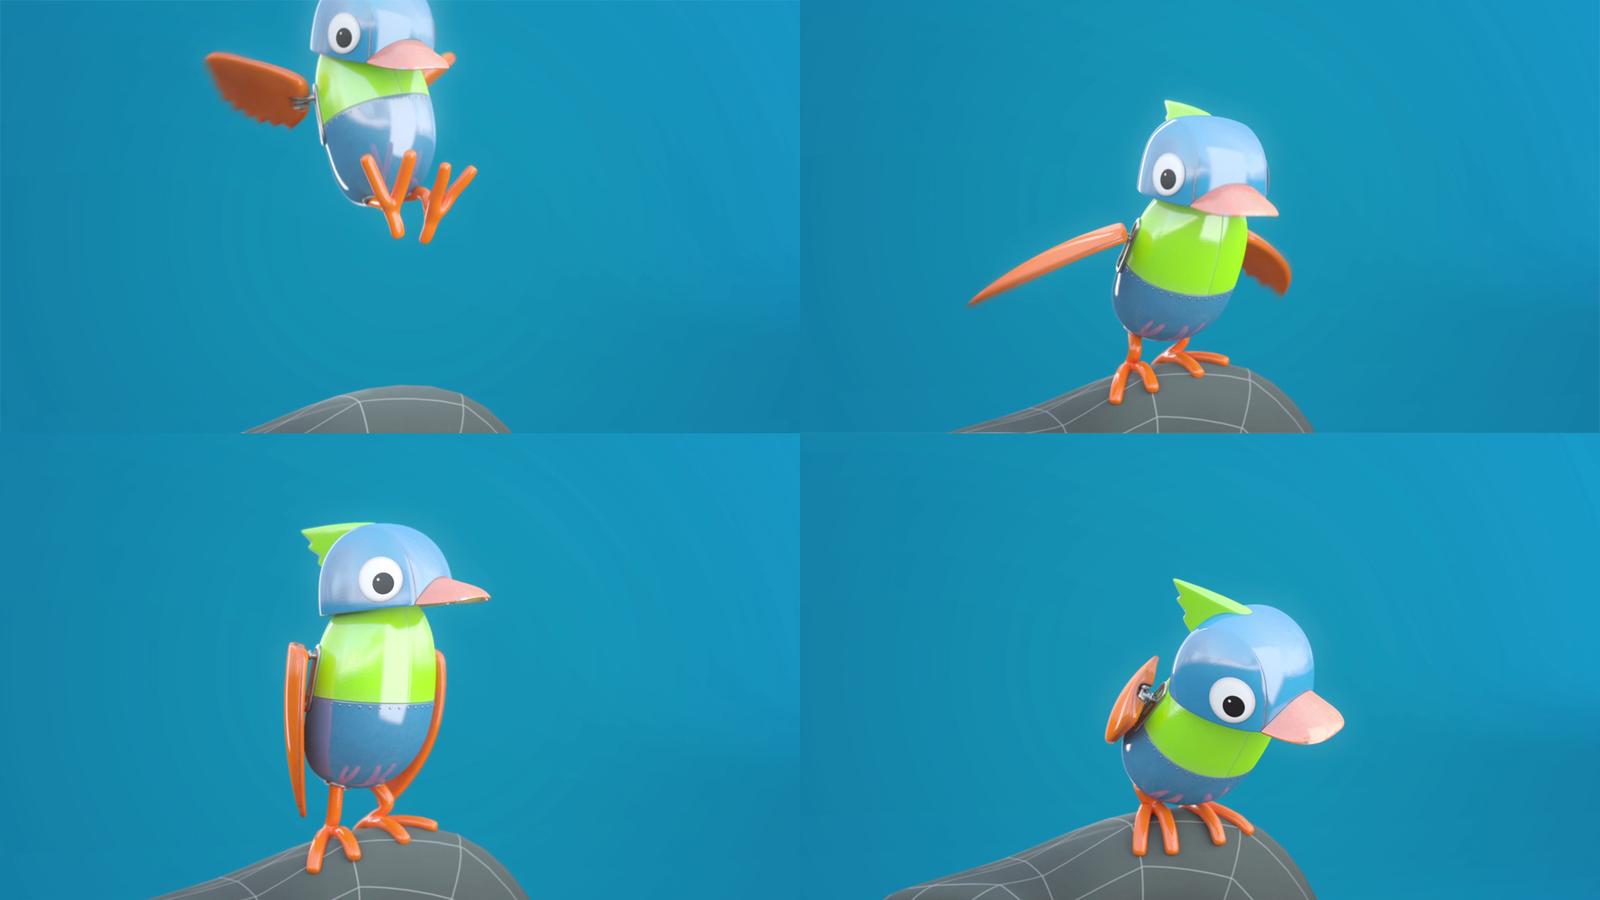 4 frames from the animation Herd & Bird Teaser.